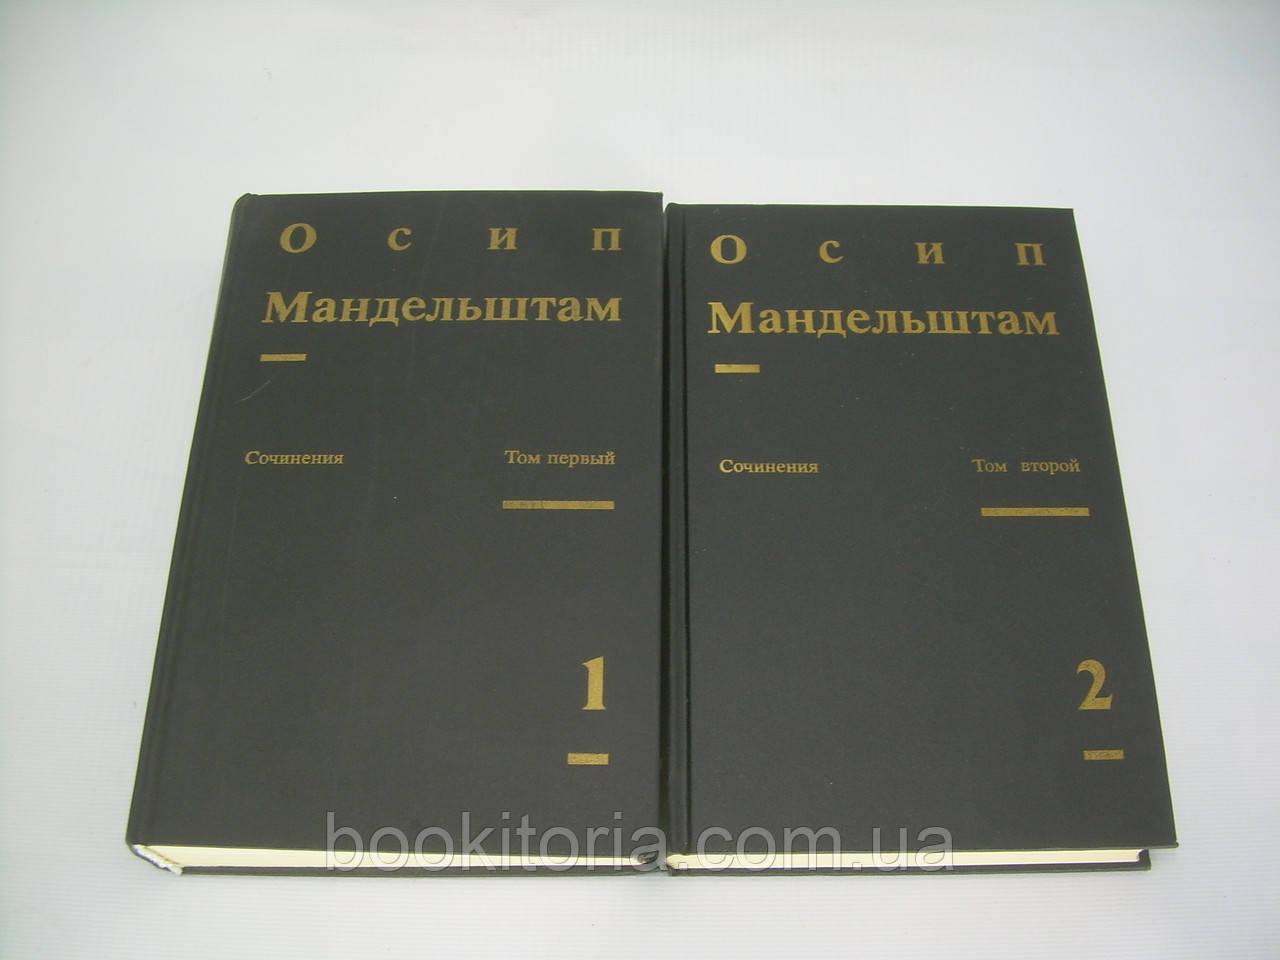 Мандельштам О. Сочинения. В двух томах (б/у).